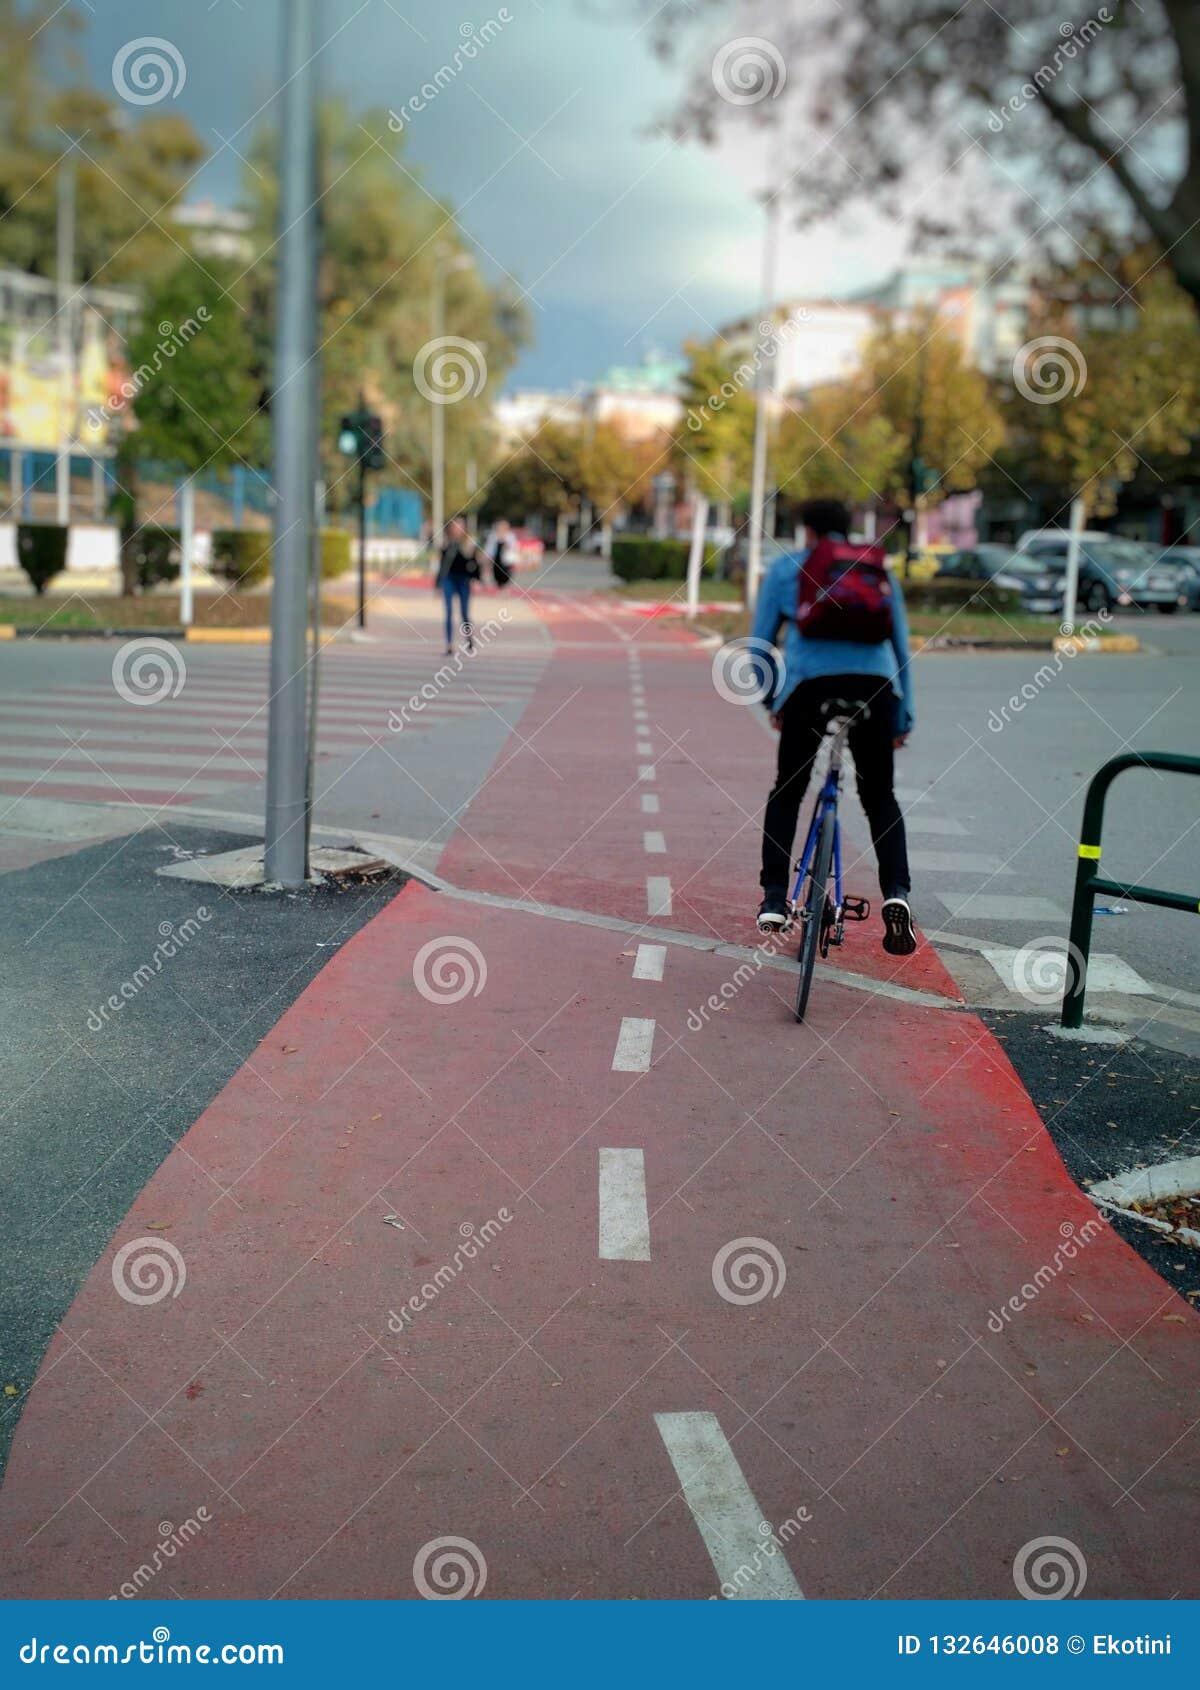 Bicycle track, Tirana, Albania